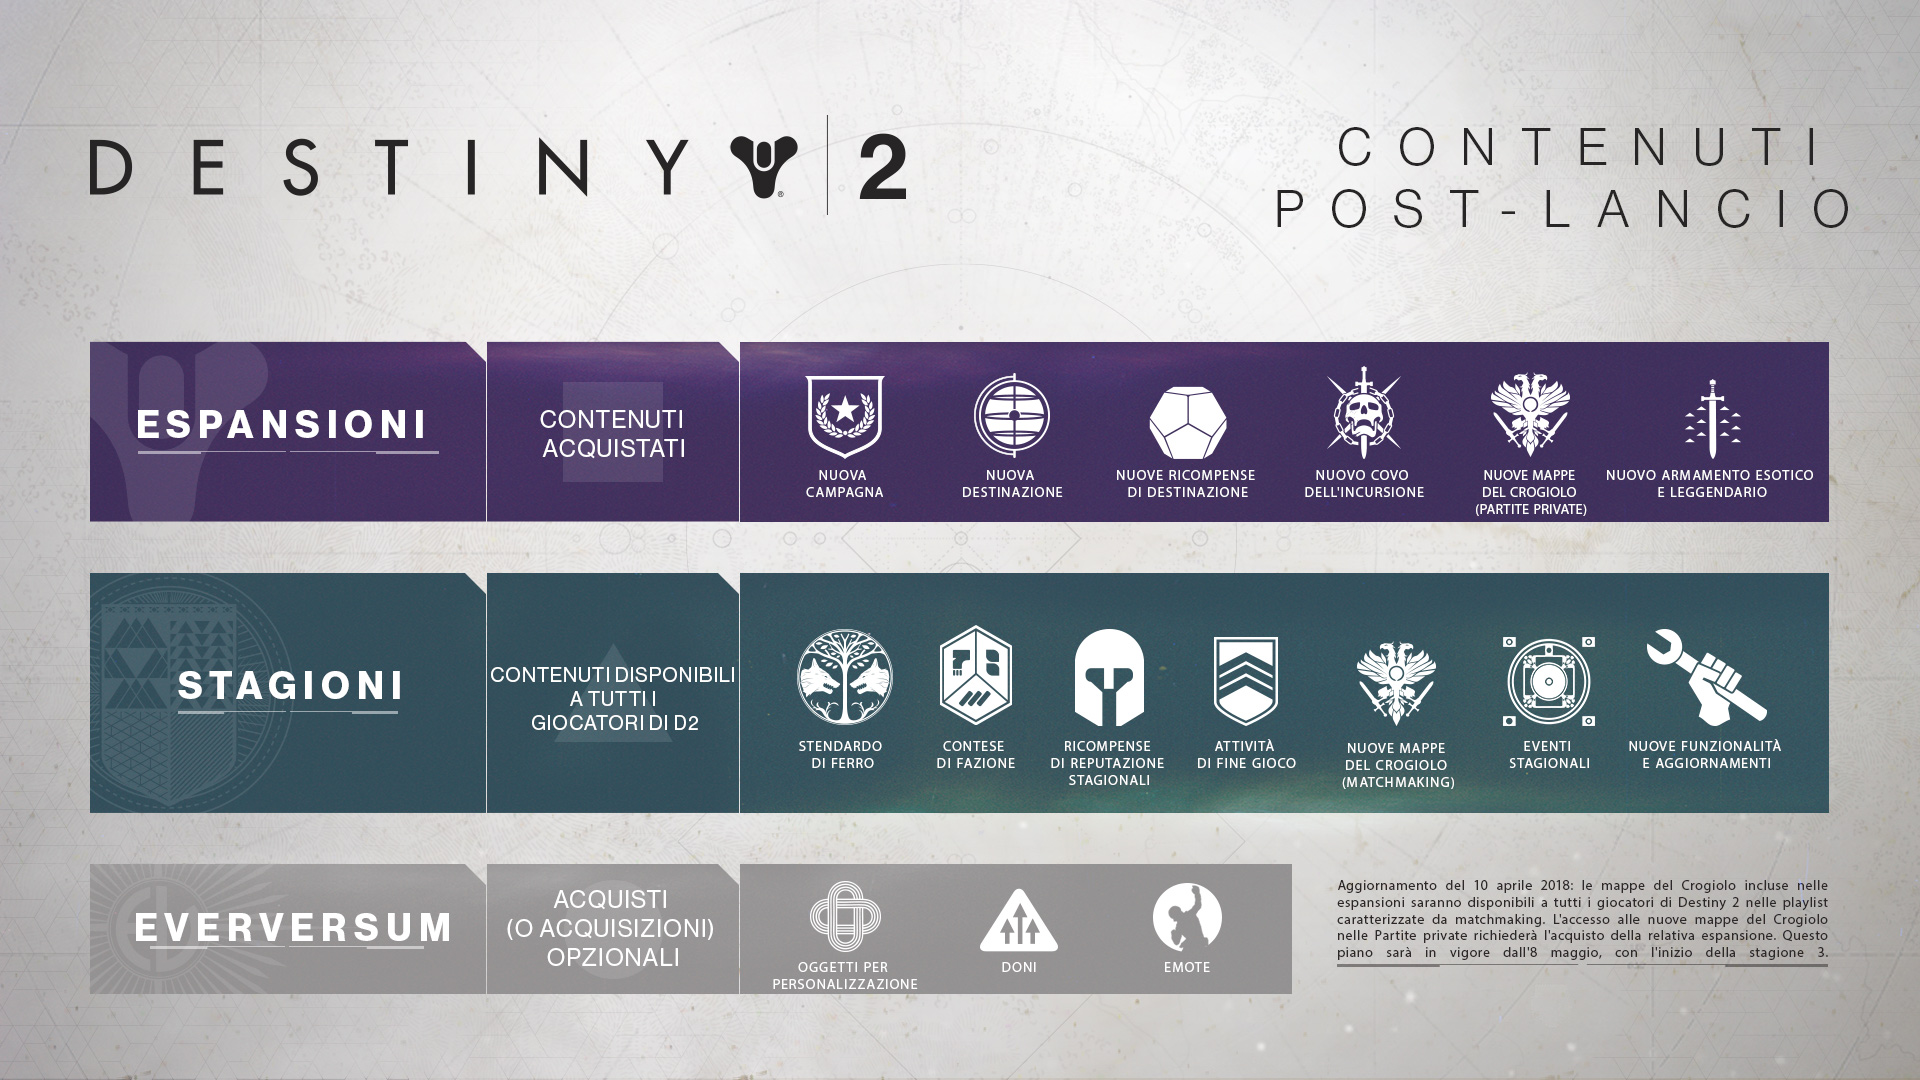 Destiny 2: l'espansione La Mente Bellica ha una data di uscita